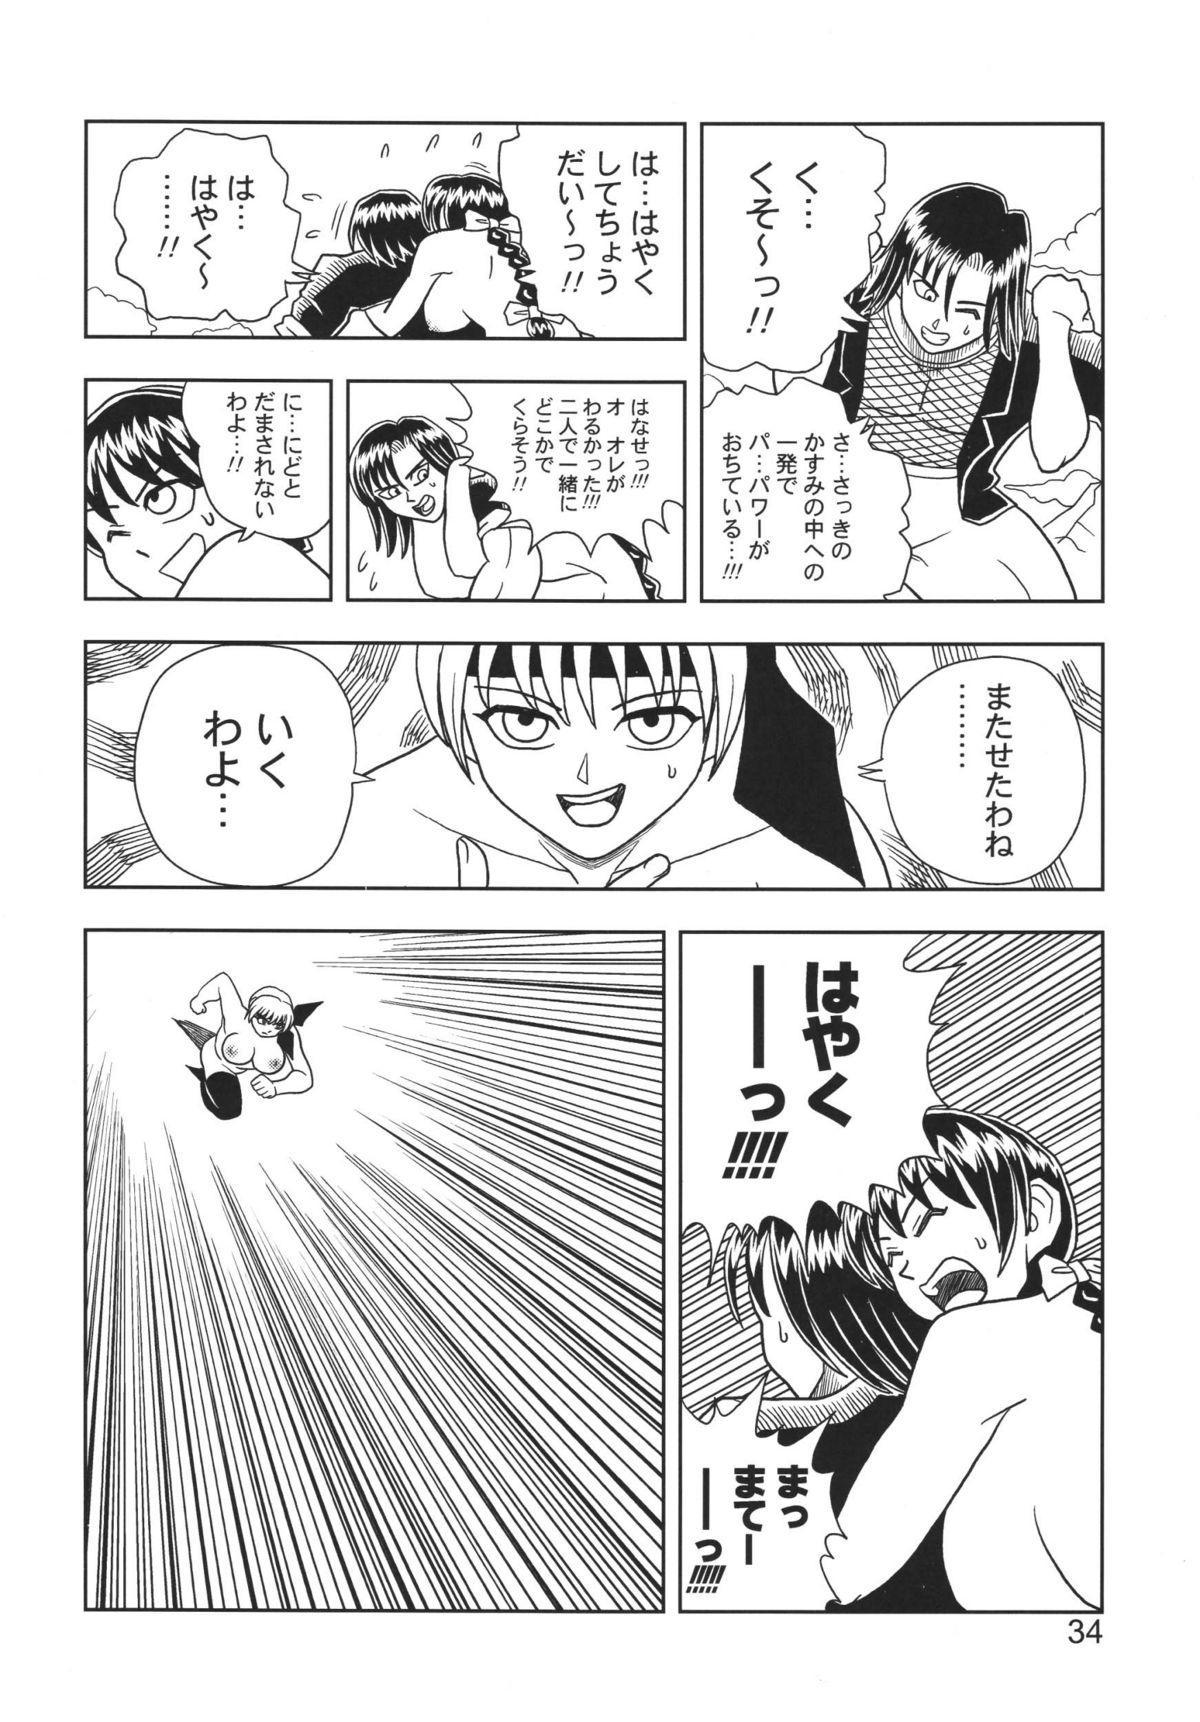 Kasumi or Ayane 33